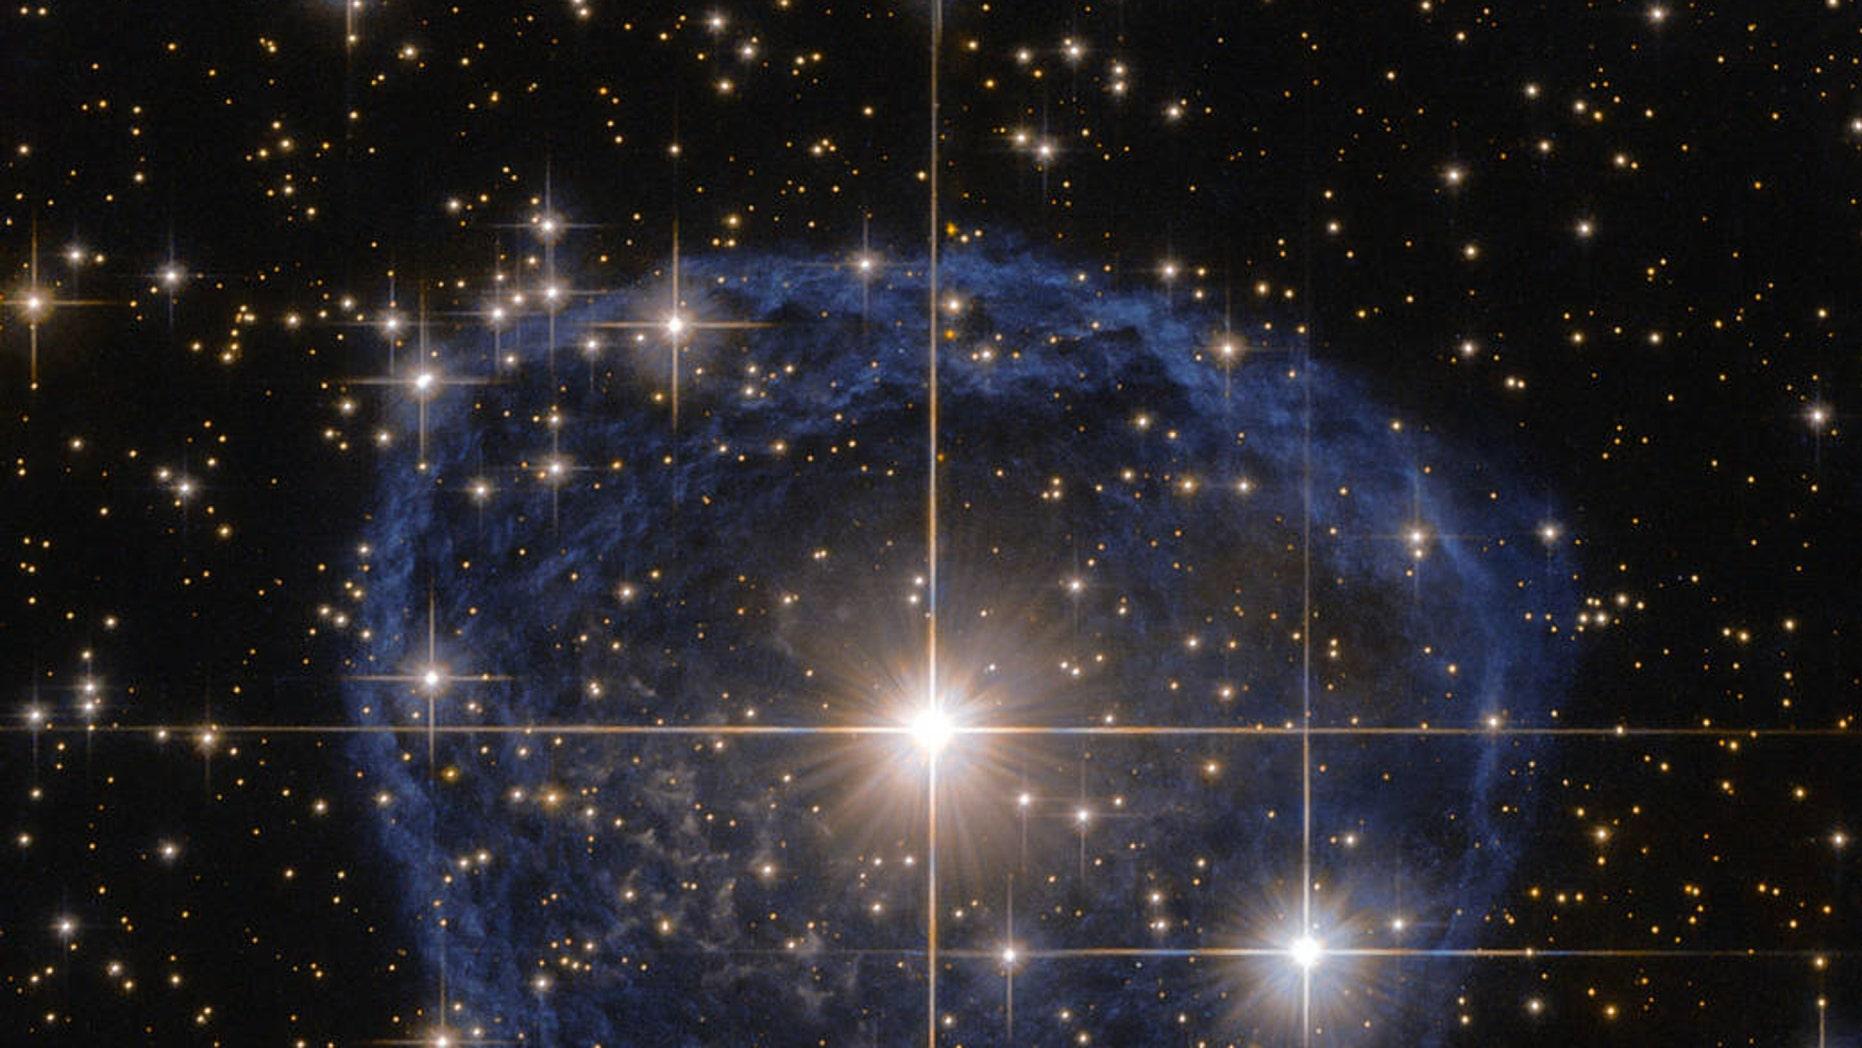 WR 31a (ESA/Hubble & NASA, Acknowledgement: Judy Schmidt)